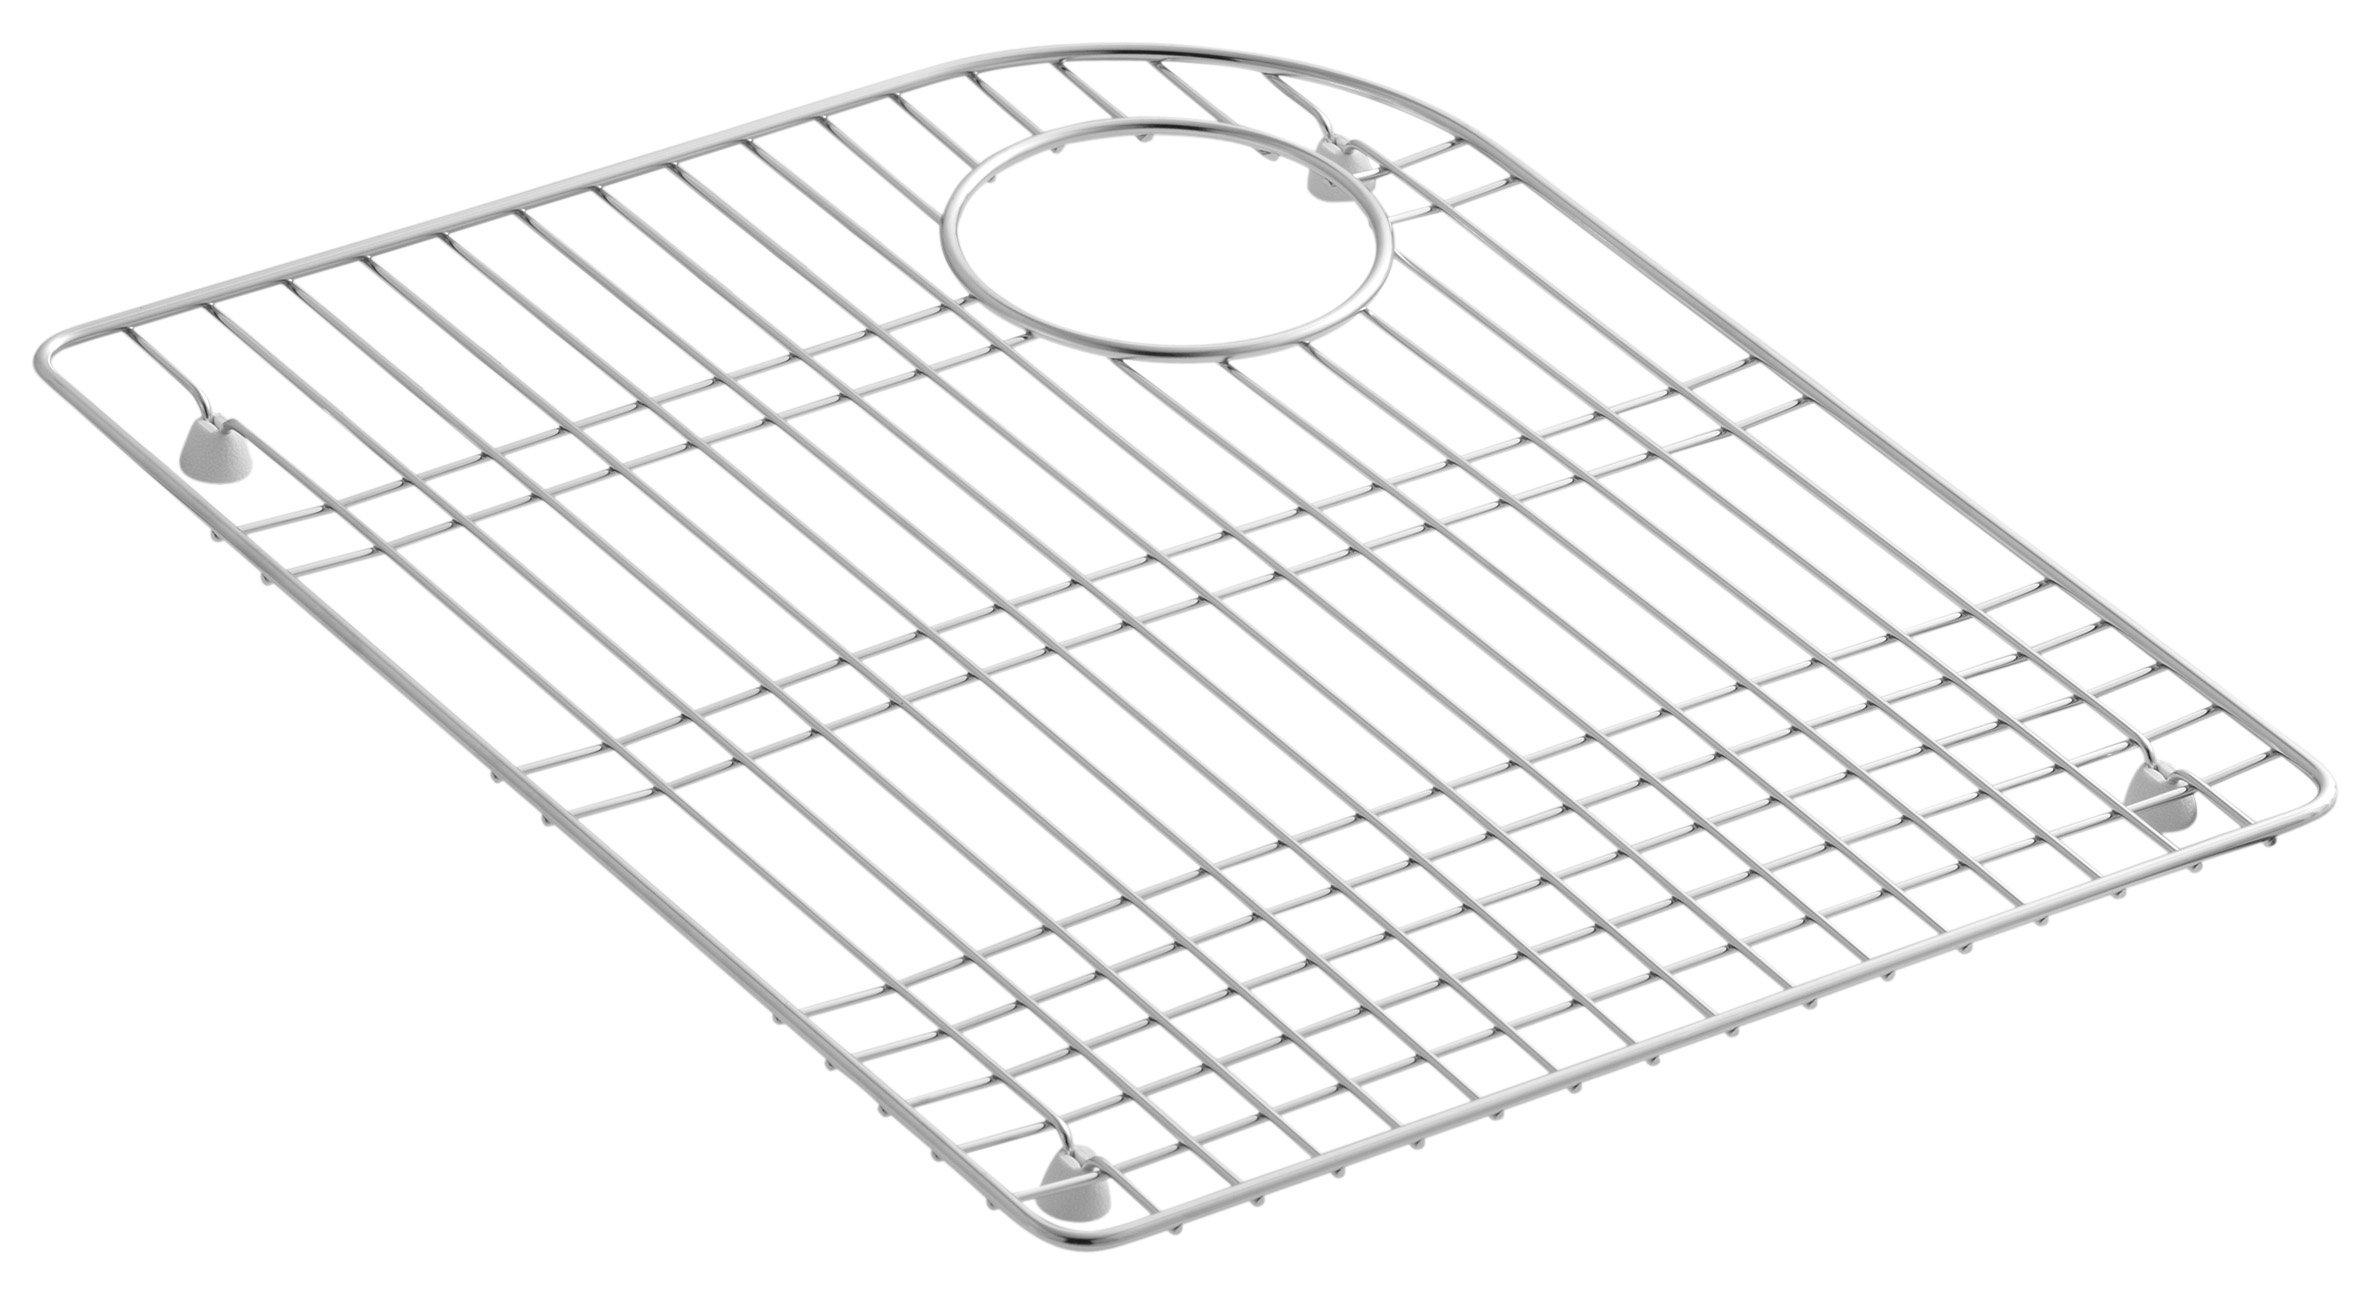 KOHLER K-6001-ST 14.7 Inches by 18 Inches Bottom Basin Rack, Stainless Steel by Kohler